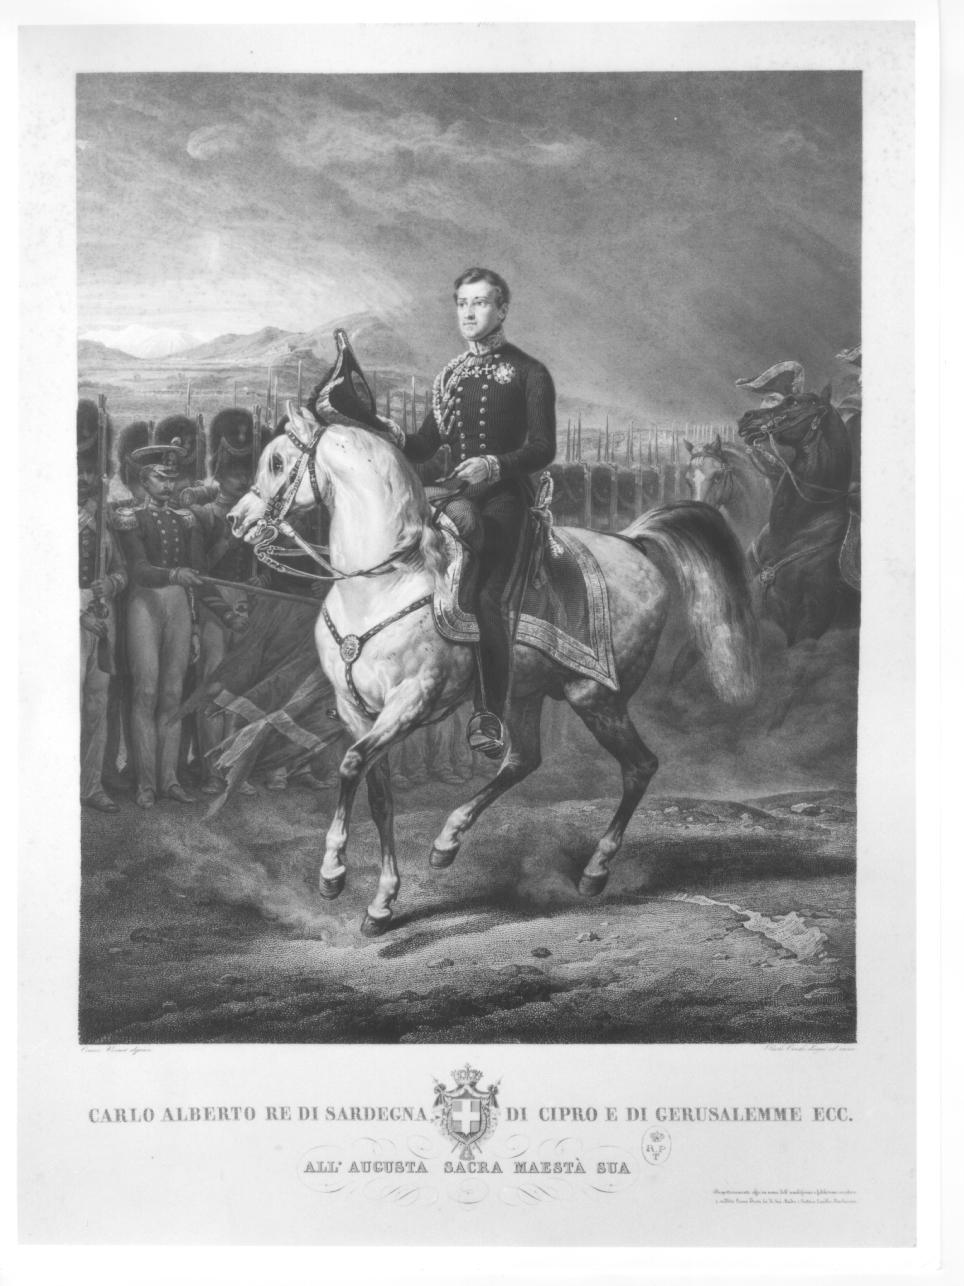 ritratto equestre di Carlo Alberto di Savoia (stampa) di Toschi Paolo, Vernet Horace (metà sec. XIX)